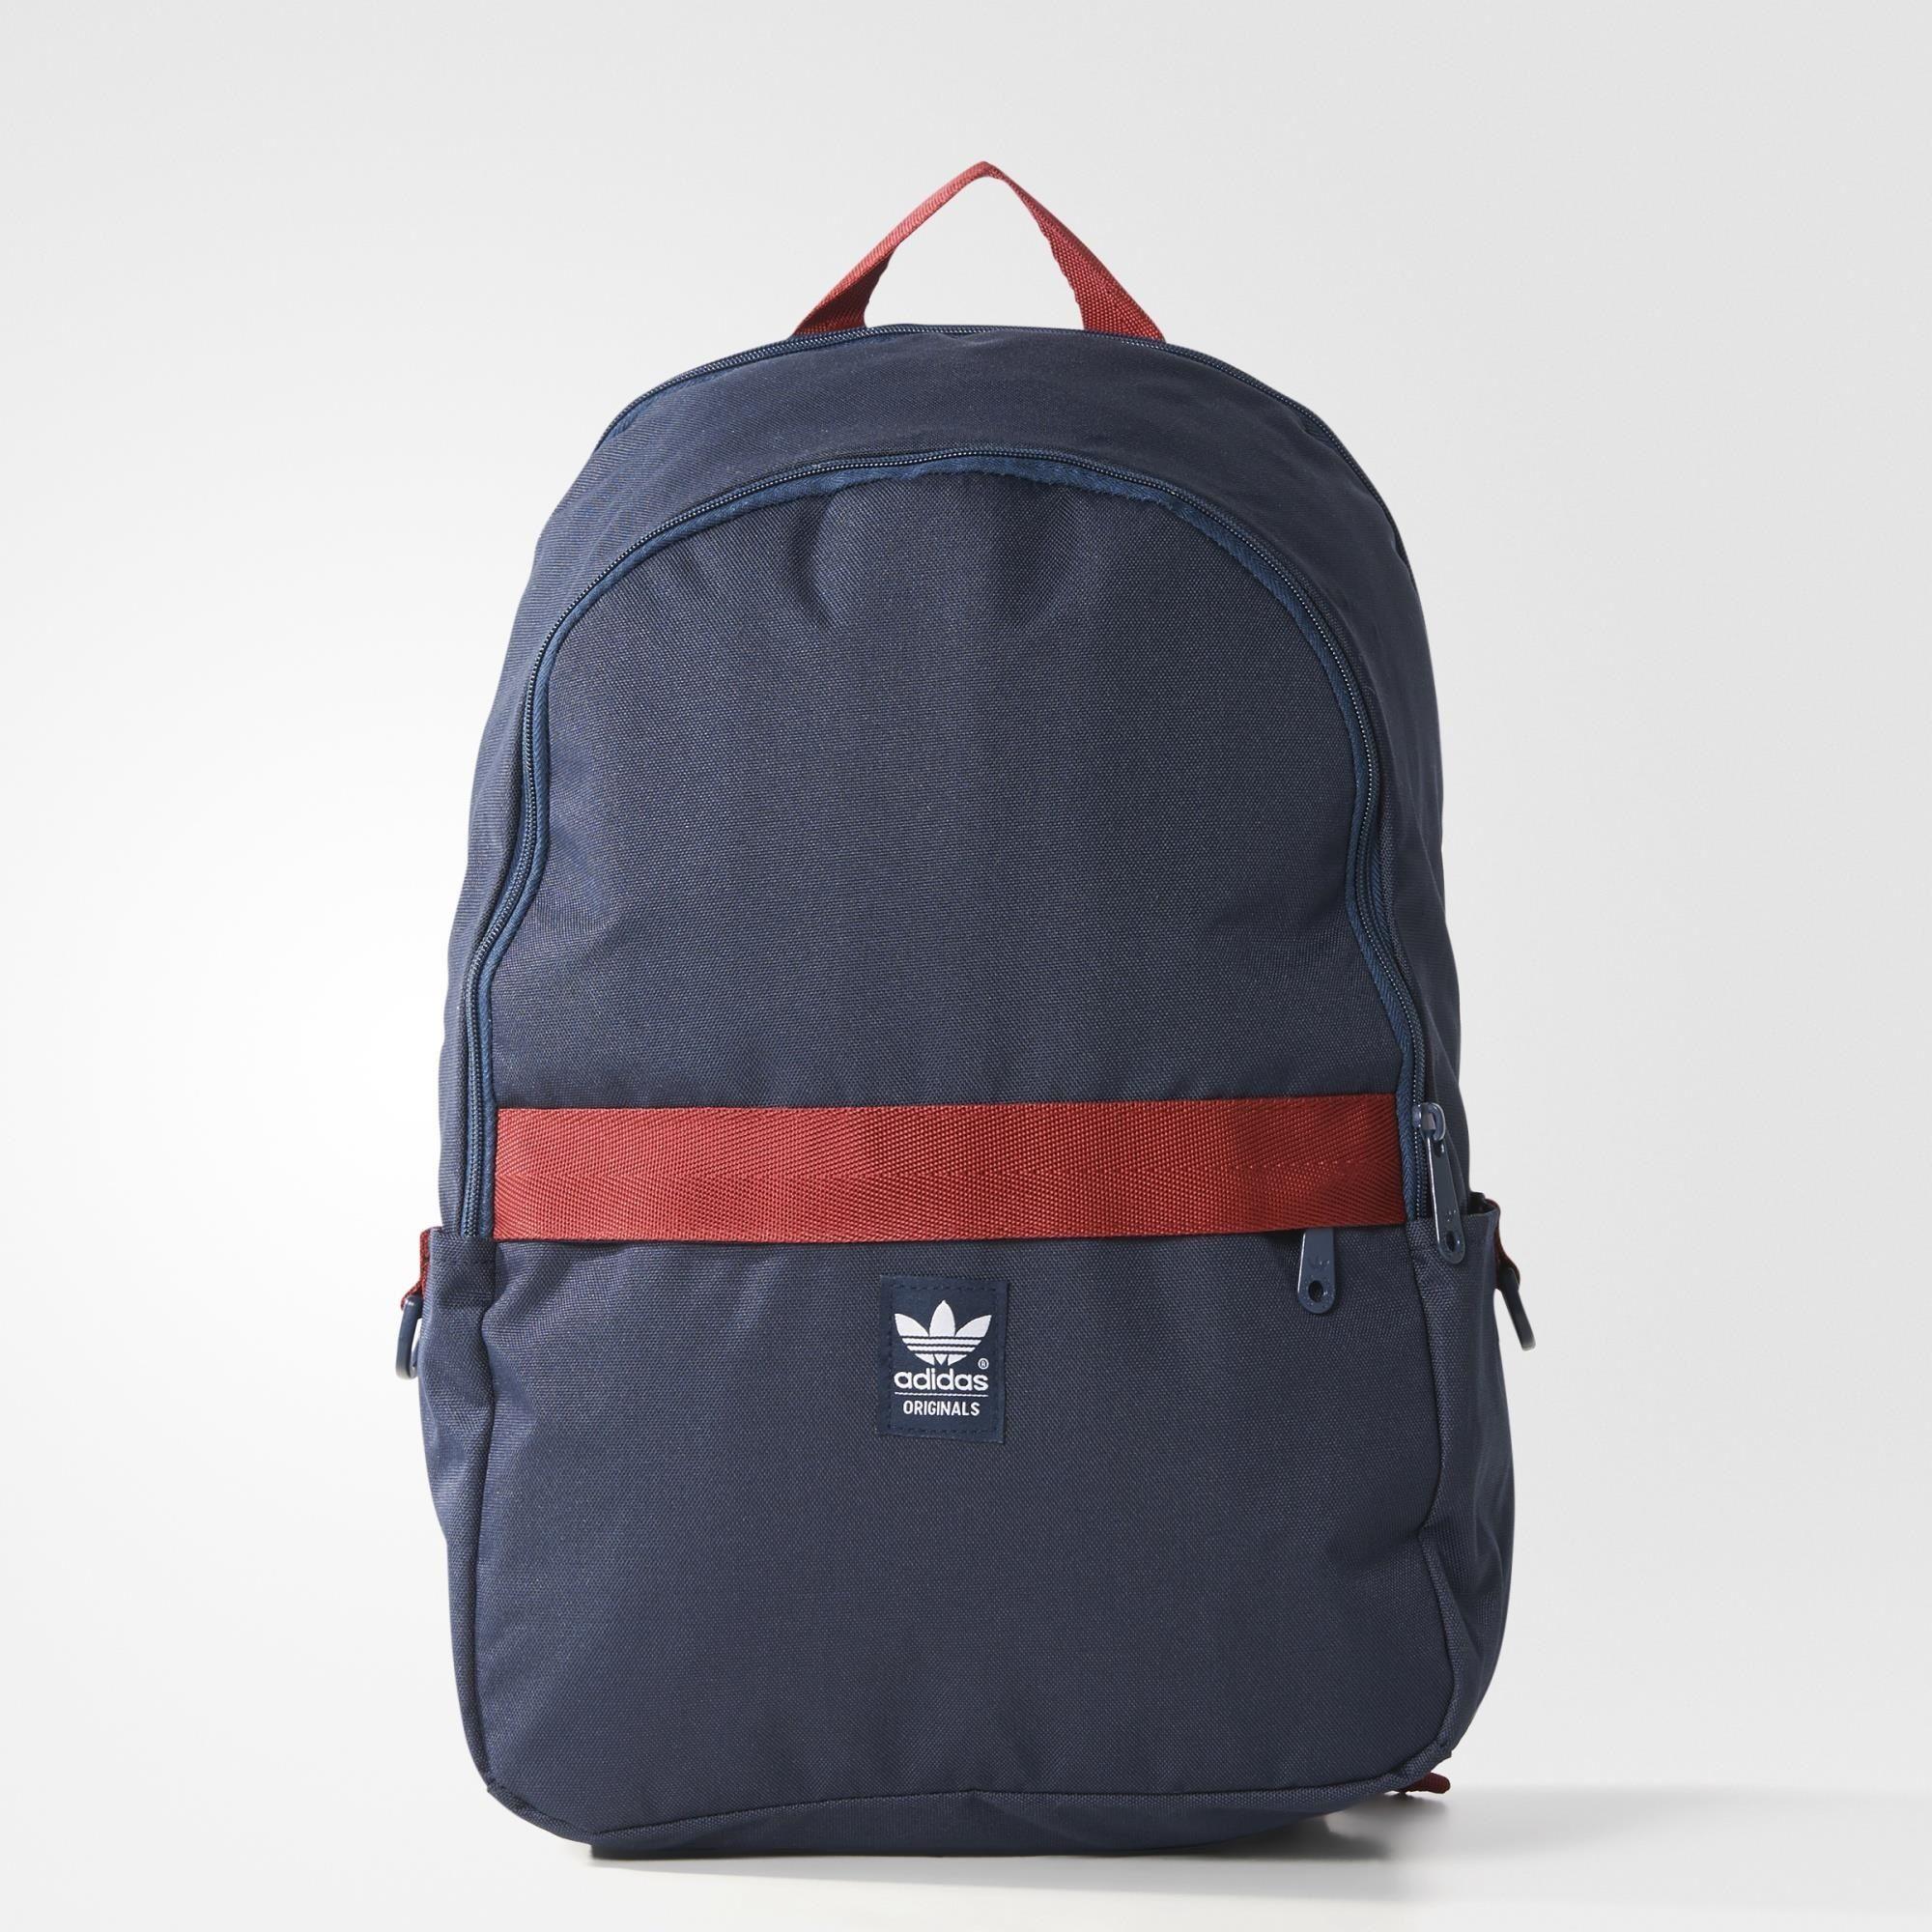 074fecb039fa adidas Essential Rugzak - blauw